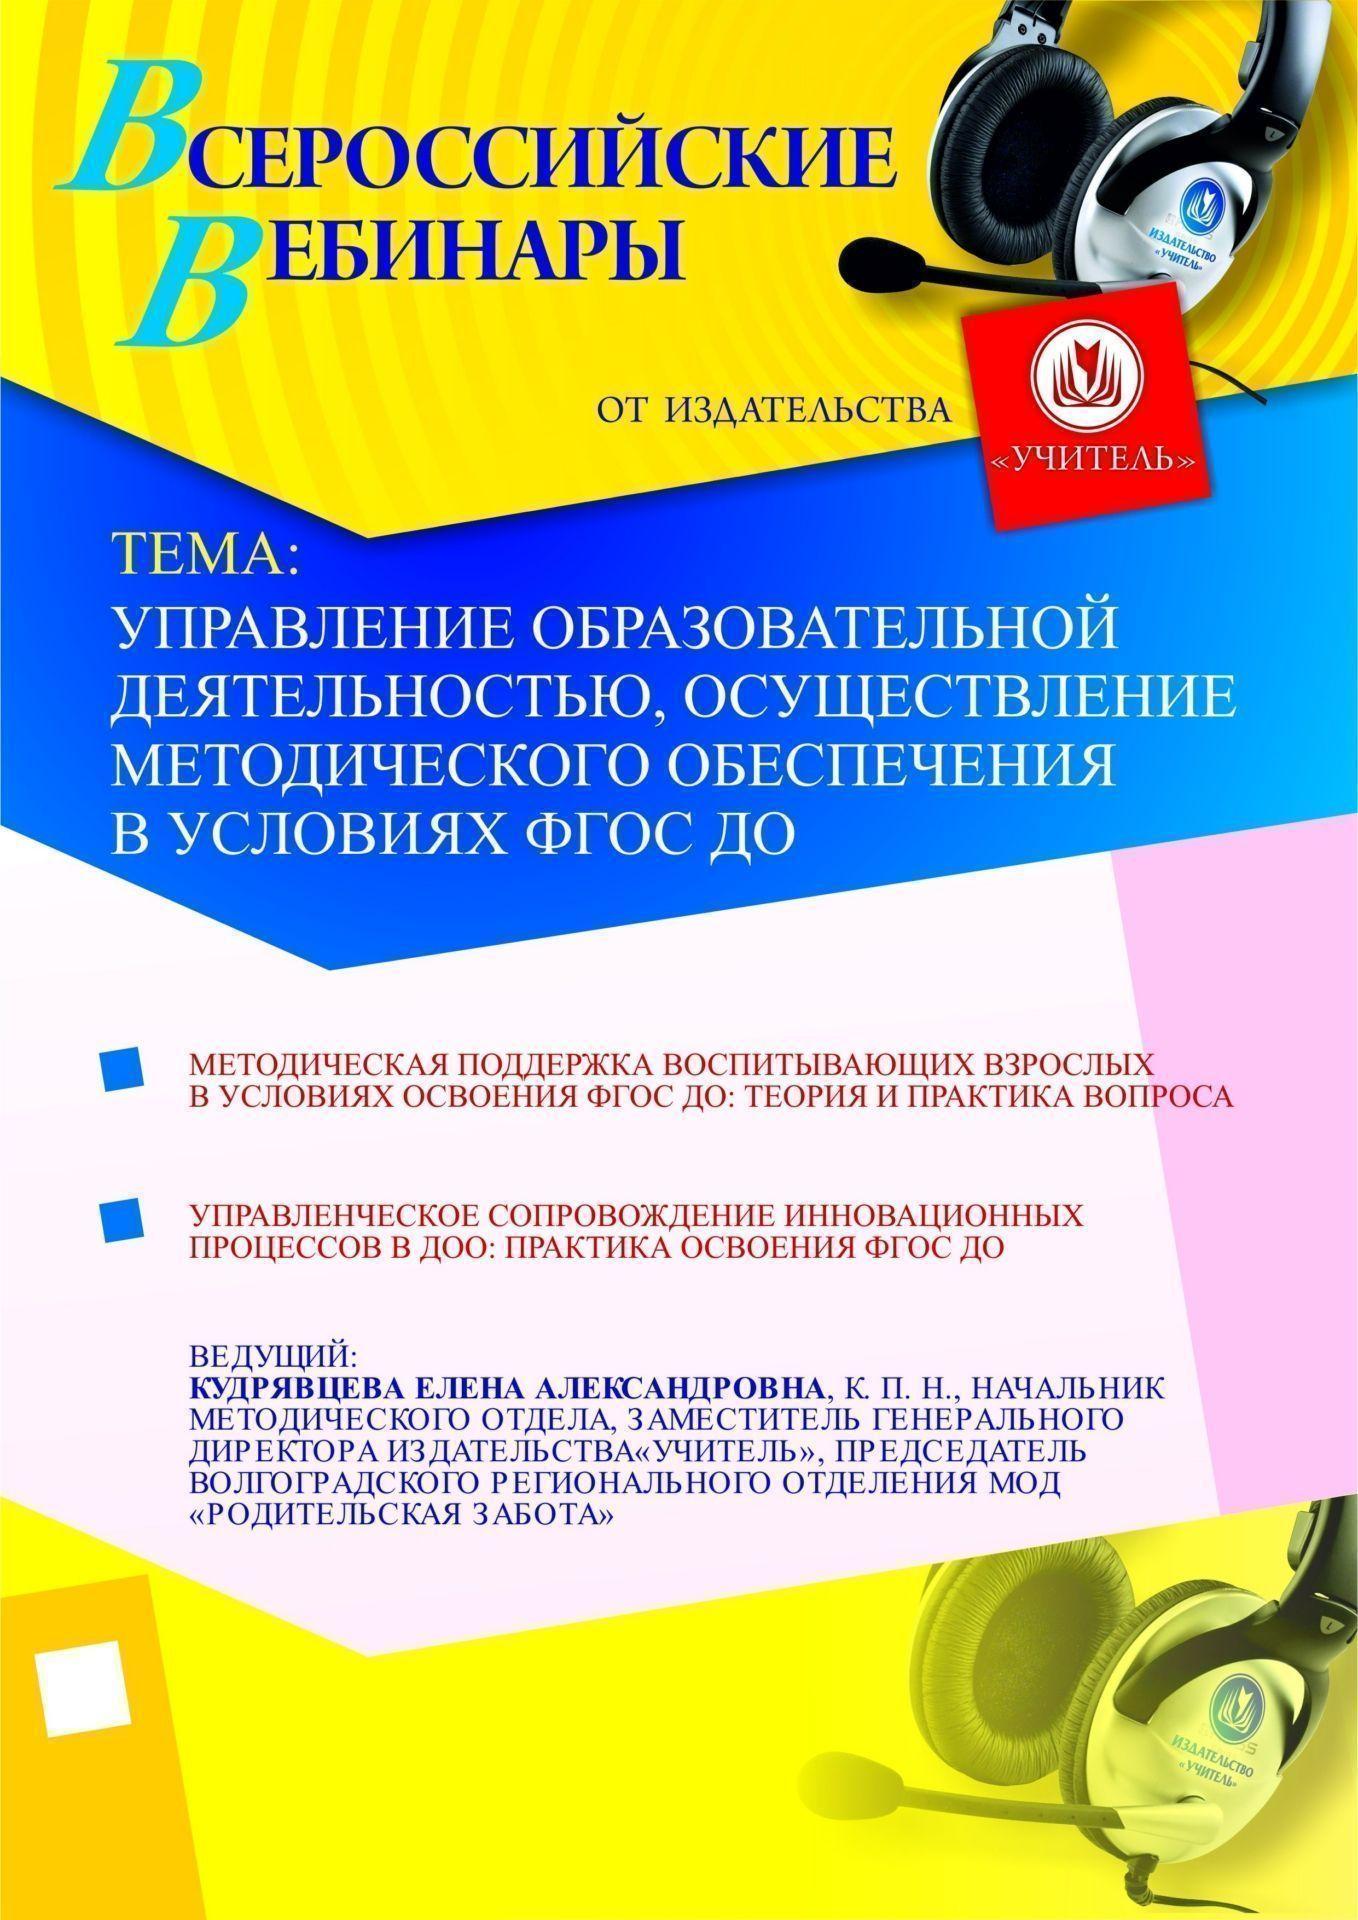 Управление образовательной деятельностью, осуществление методического обеспечения в условиях ФГОС ДО фото